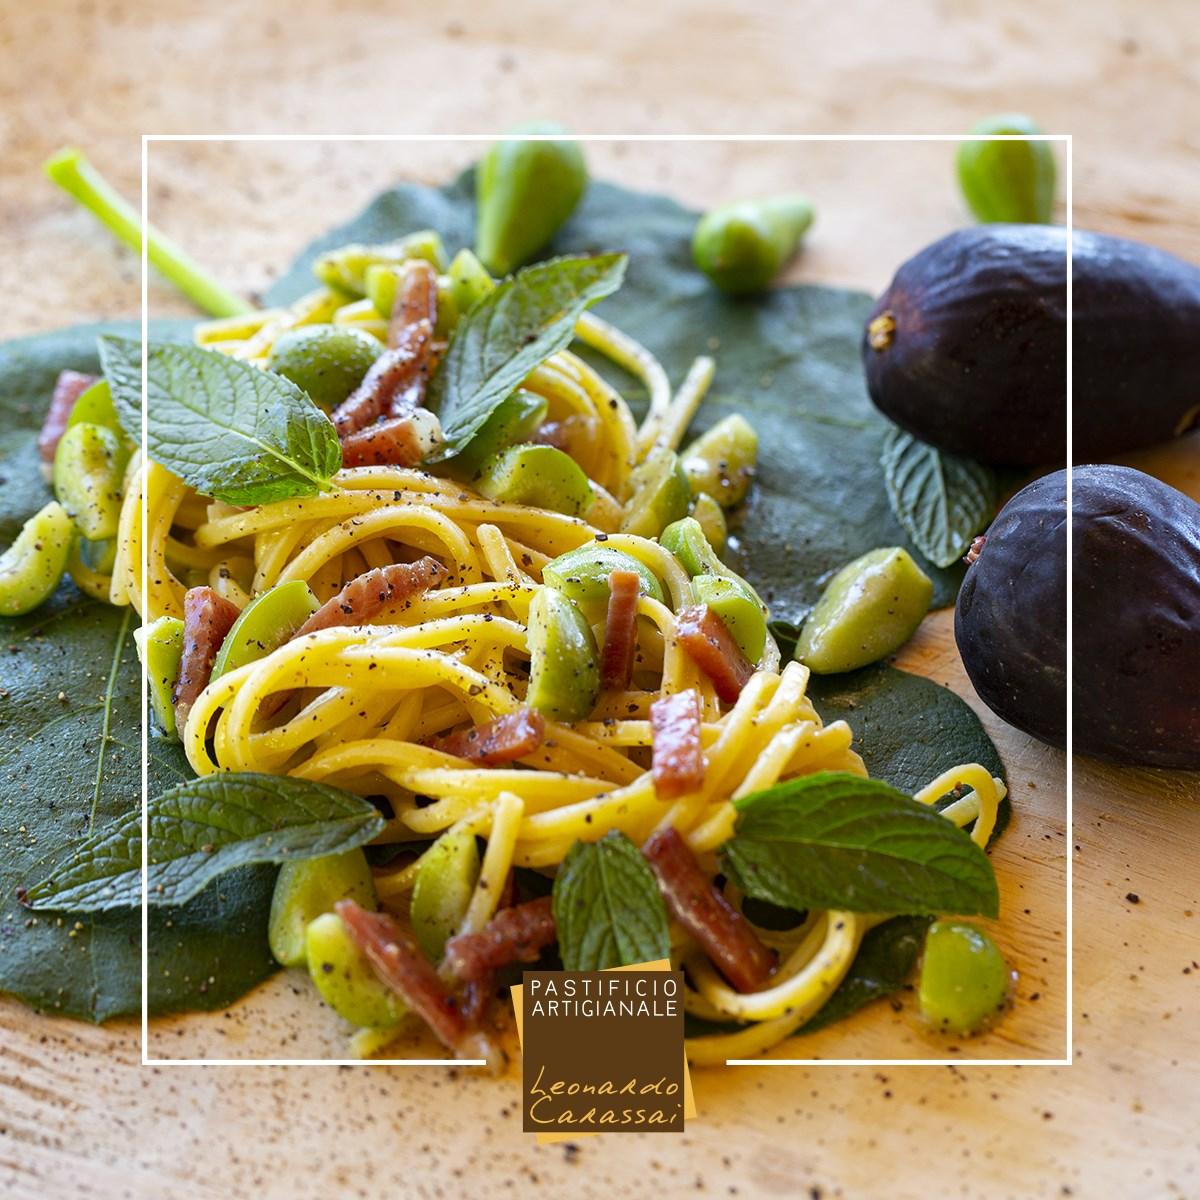 La ricetta con Linguine di Campofilone, prosciutto e fichi